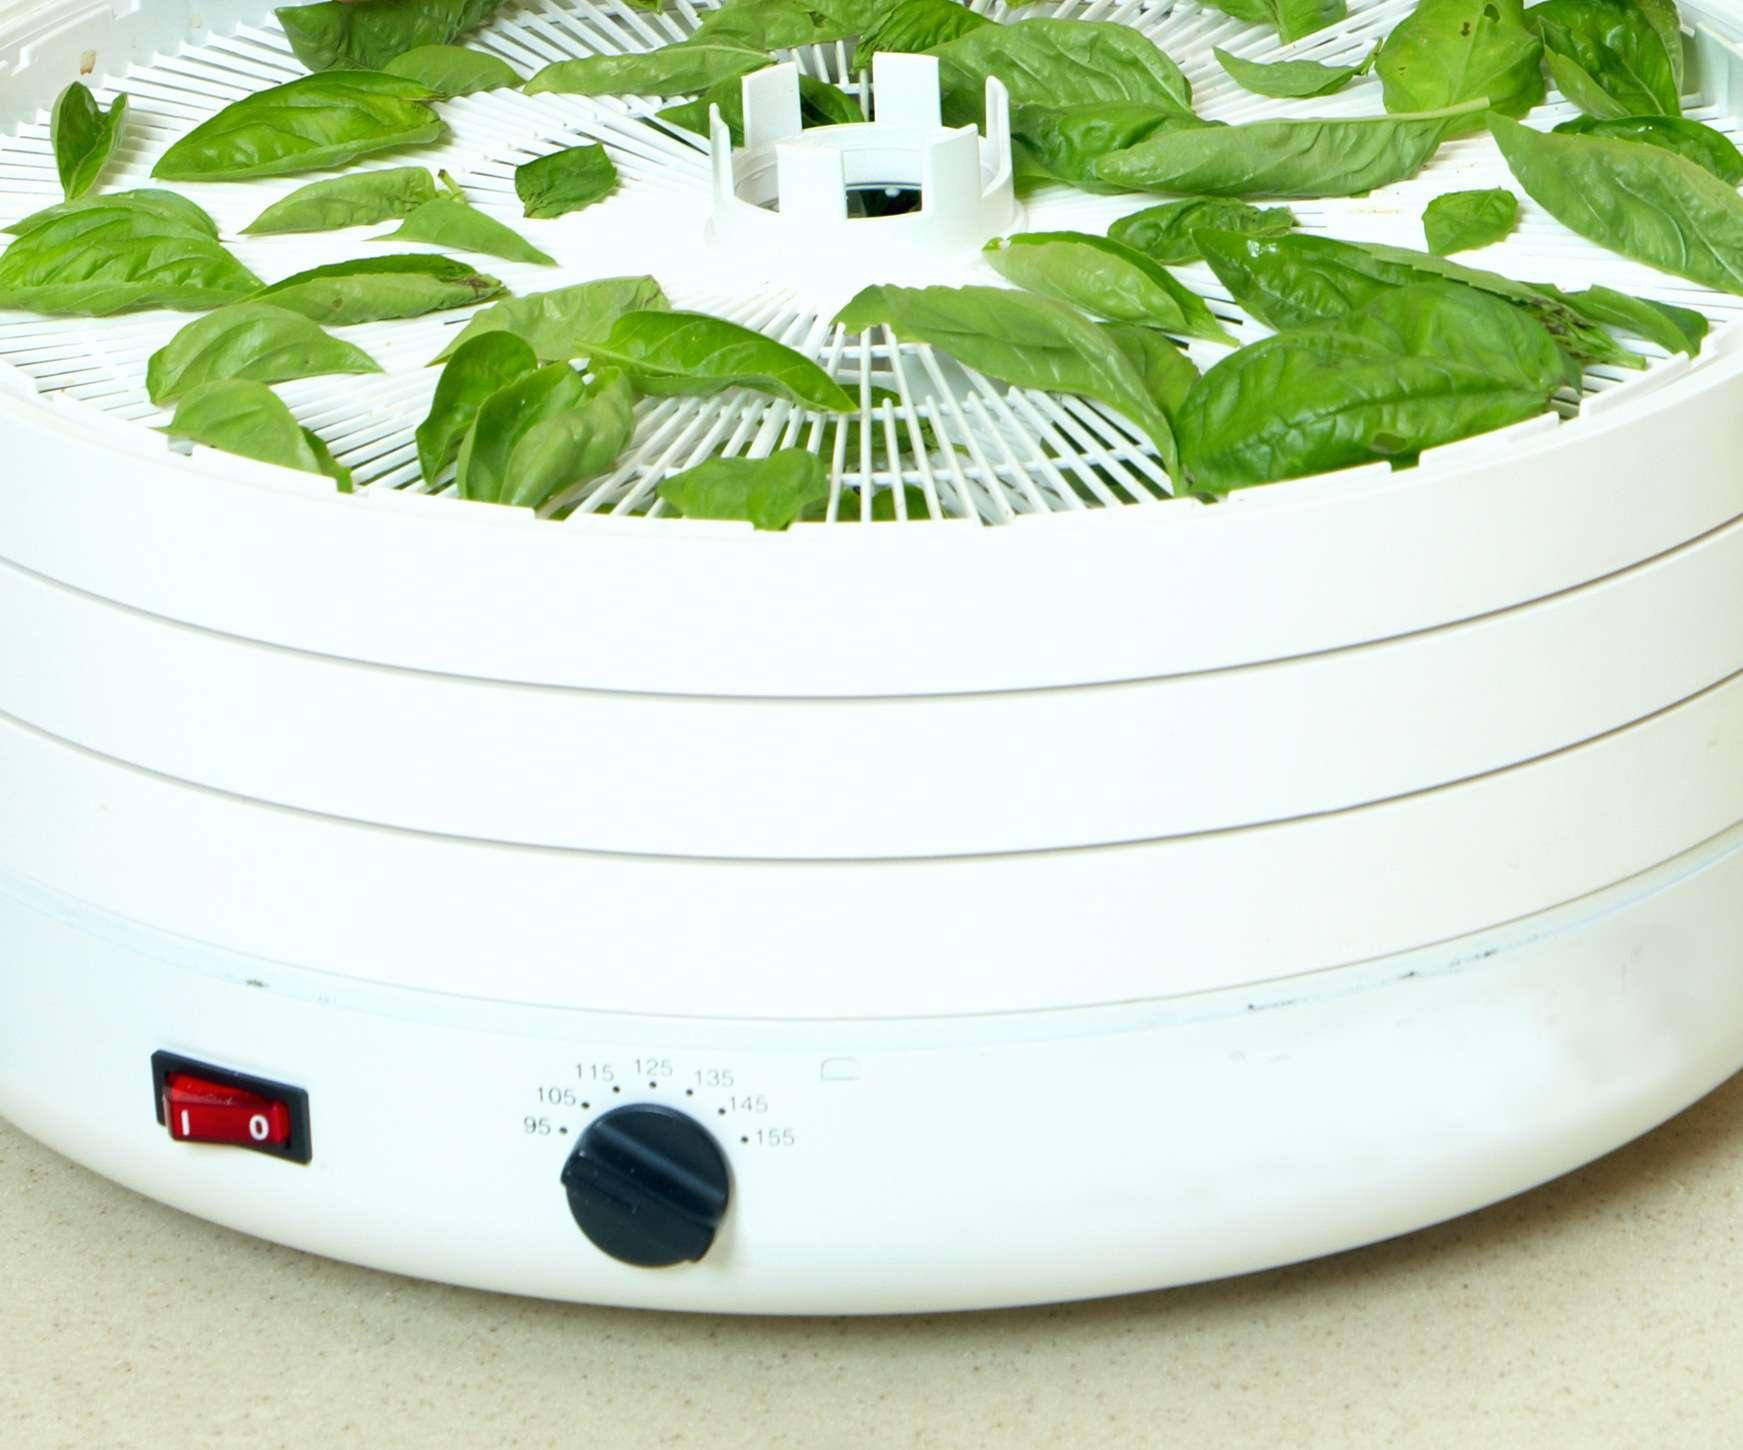 Drying herbs in the dehydrator